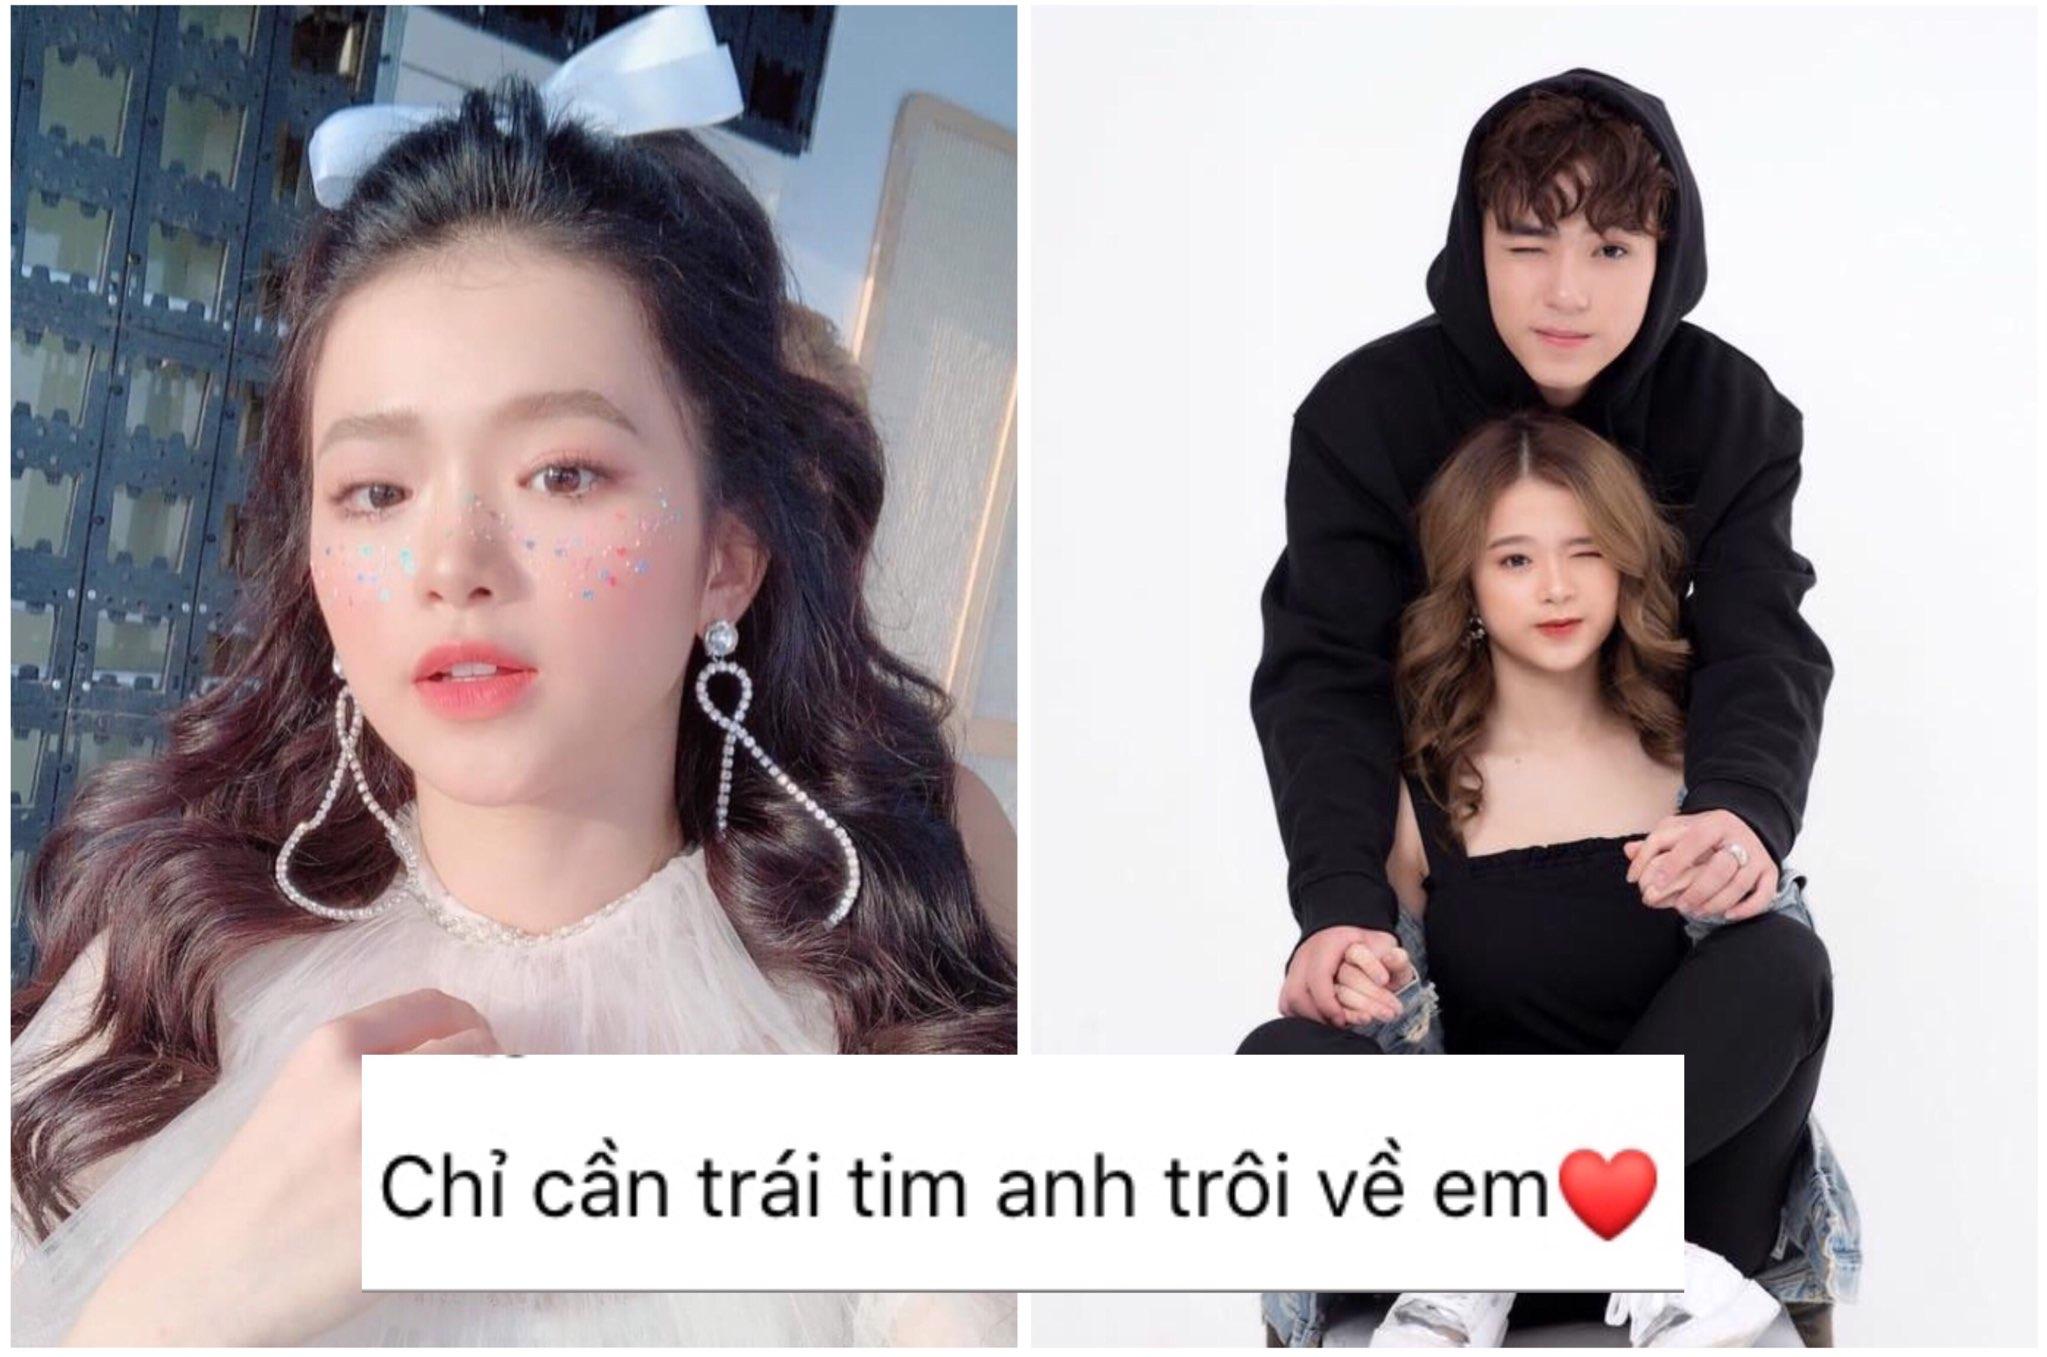 Mới tý tuổi mà facebook Linh Ka đã rải toàn thính tán trai, chị em phải xách dép mà học theo